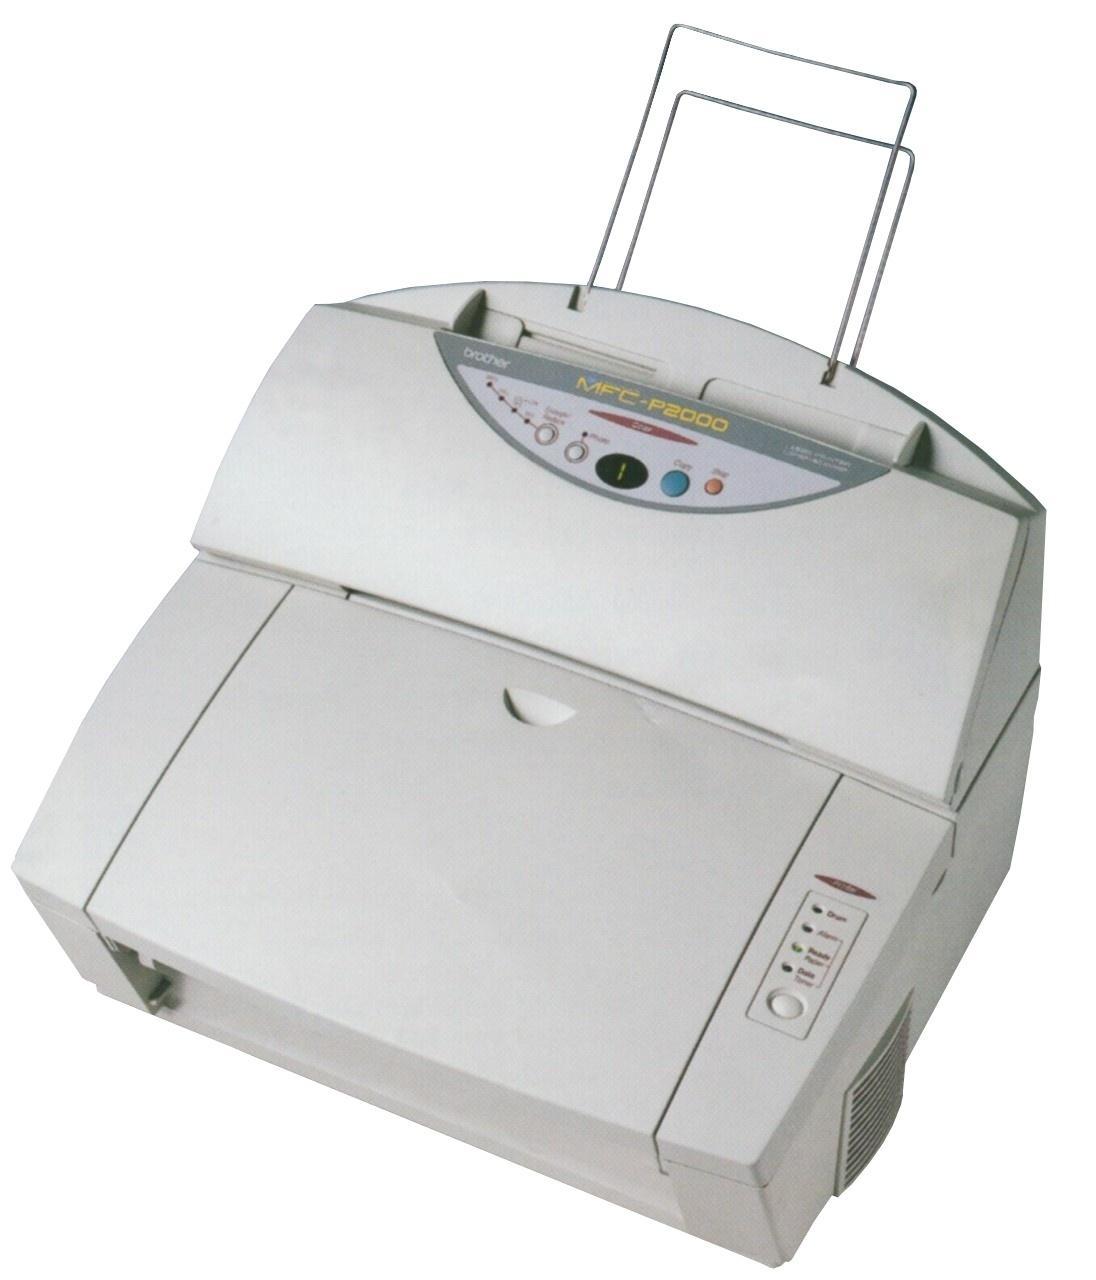 Brother MFC-P2000, HL-P2000 Laser Printer Service Repair Manual